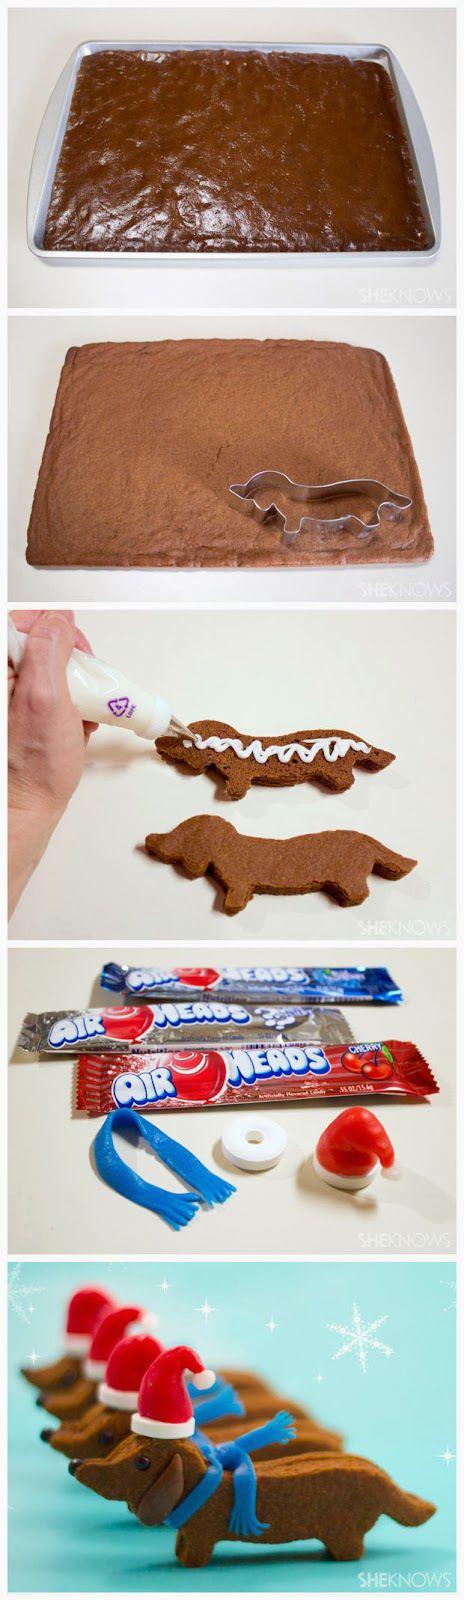 Red Sky Food: Wiener dog Santa cookies